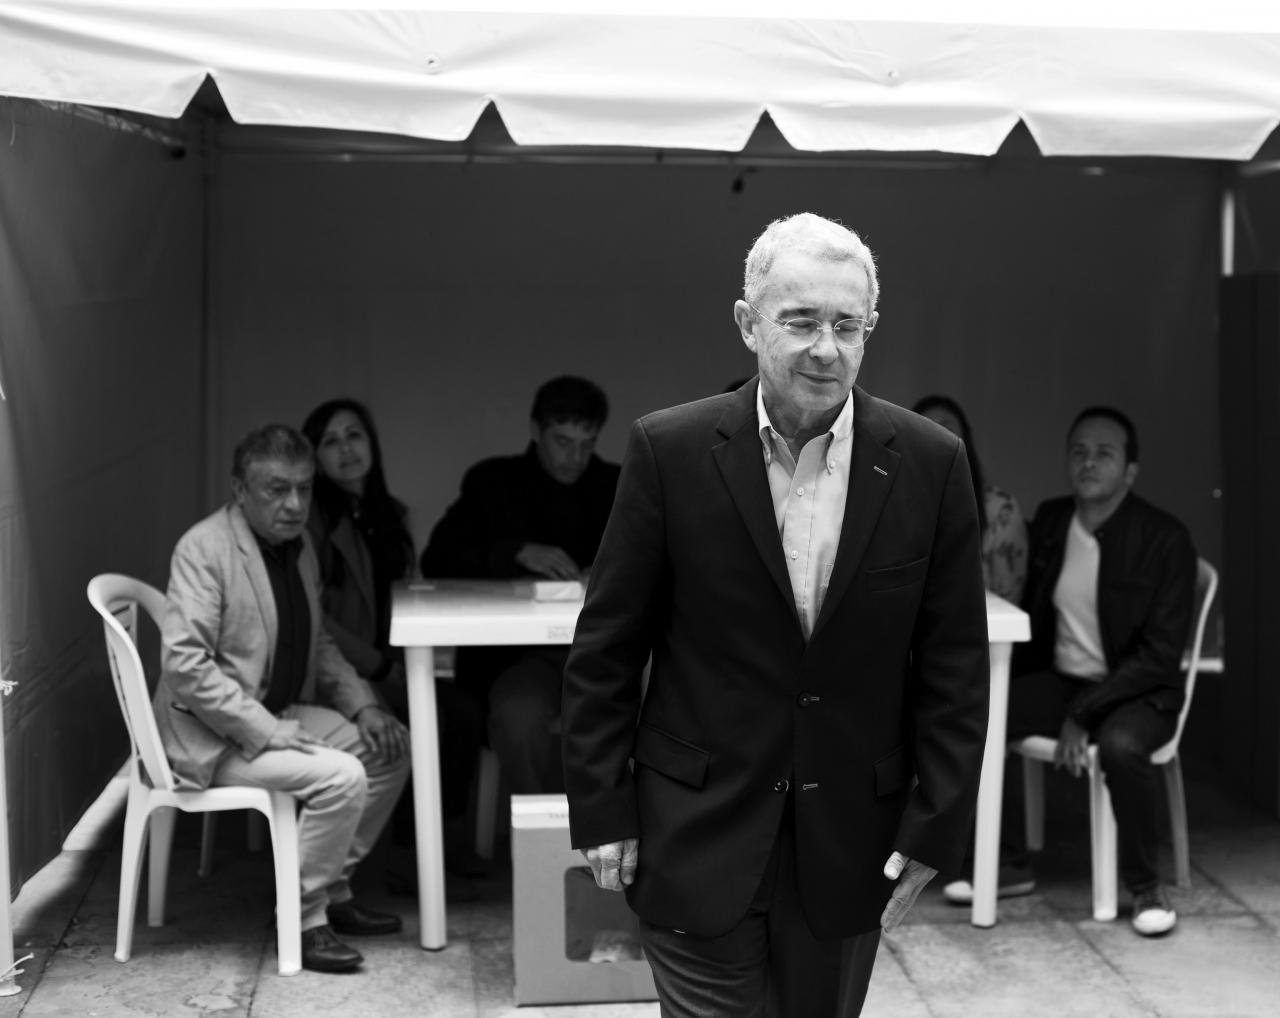 Los magistrados frente a la medida de aseguramiento de Uribe